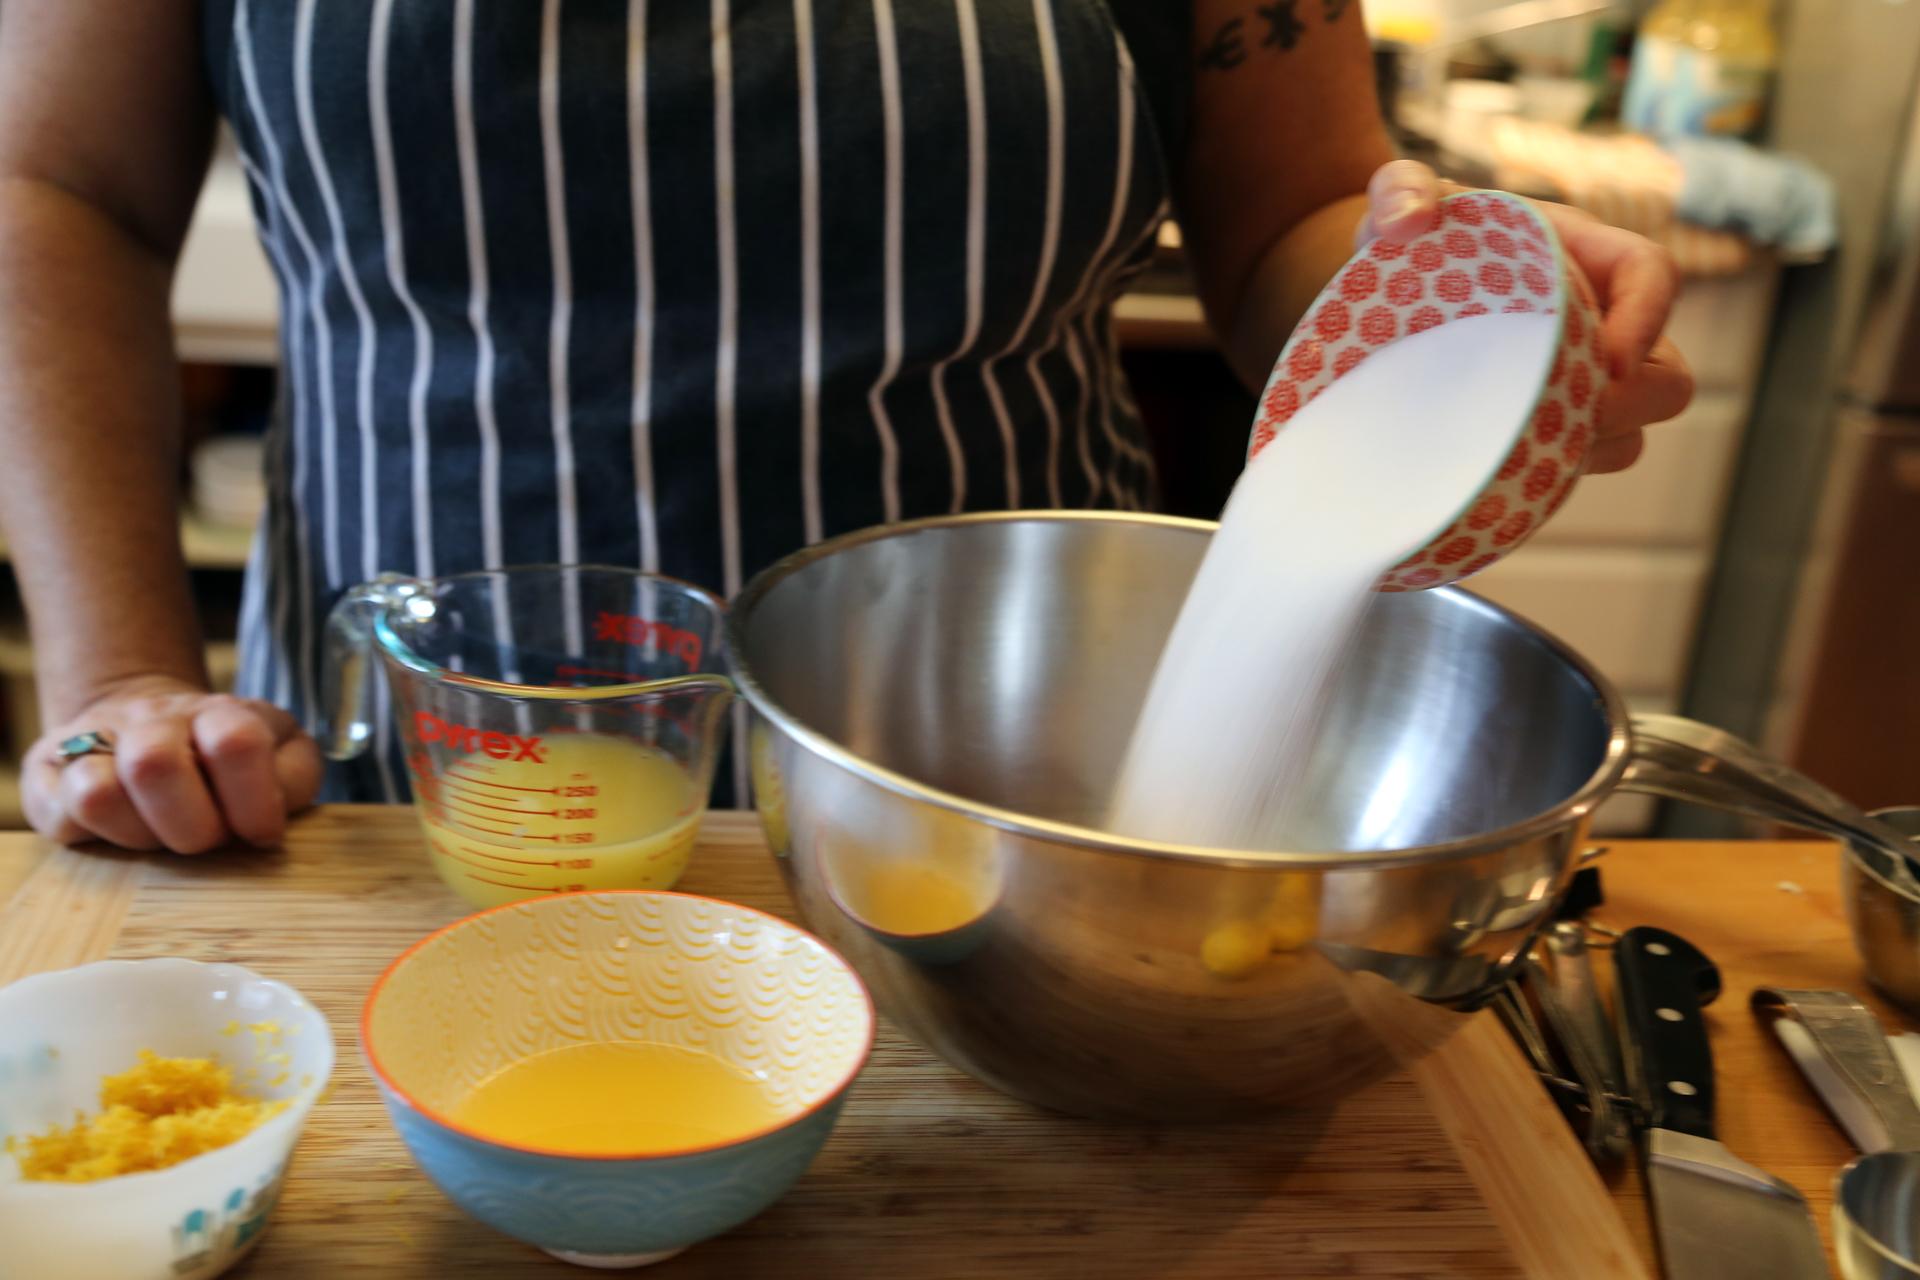 Combine eggs, egg yolks and sugar in heatproof bowl.